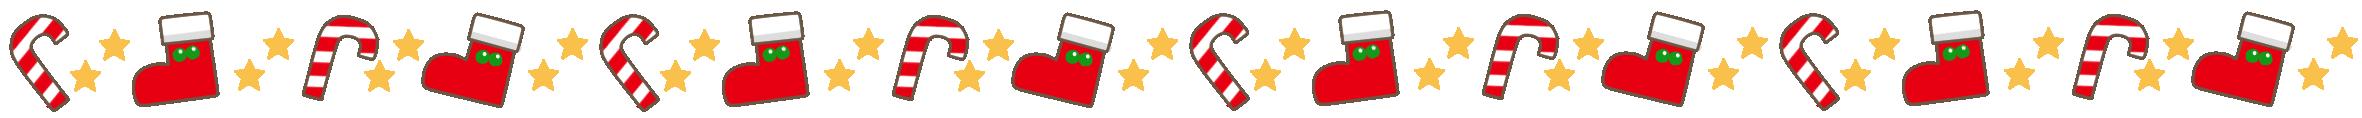 """「クリスマス フリー ライン」の画像検索結果"""""""